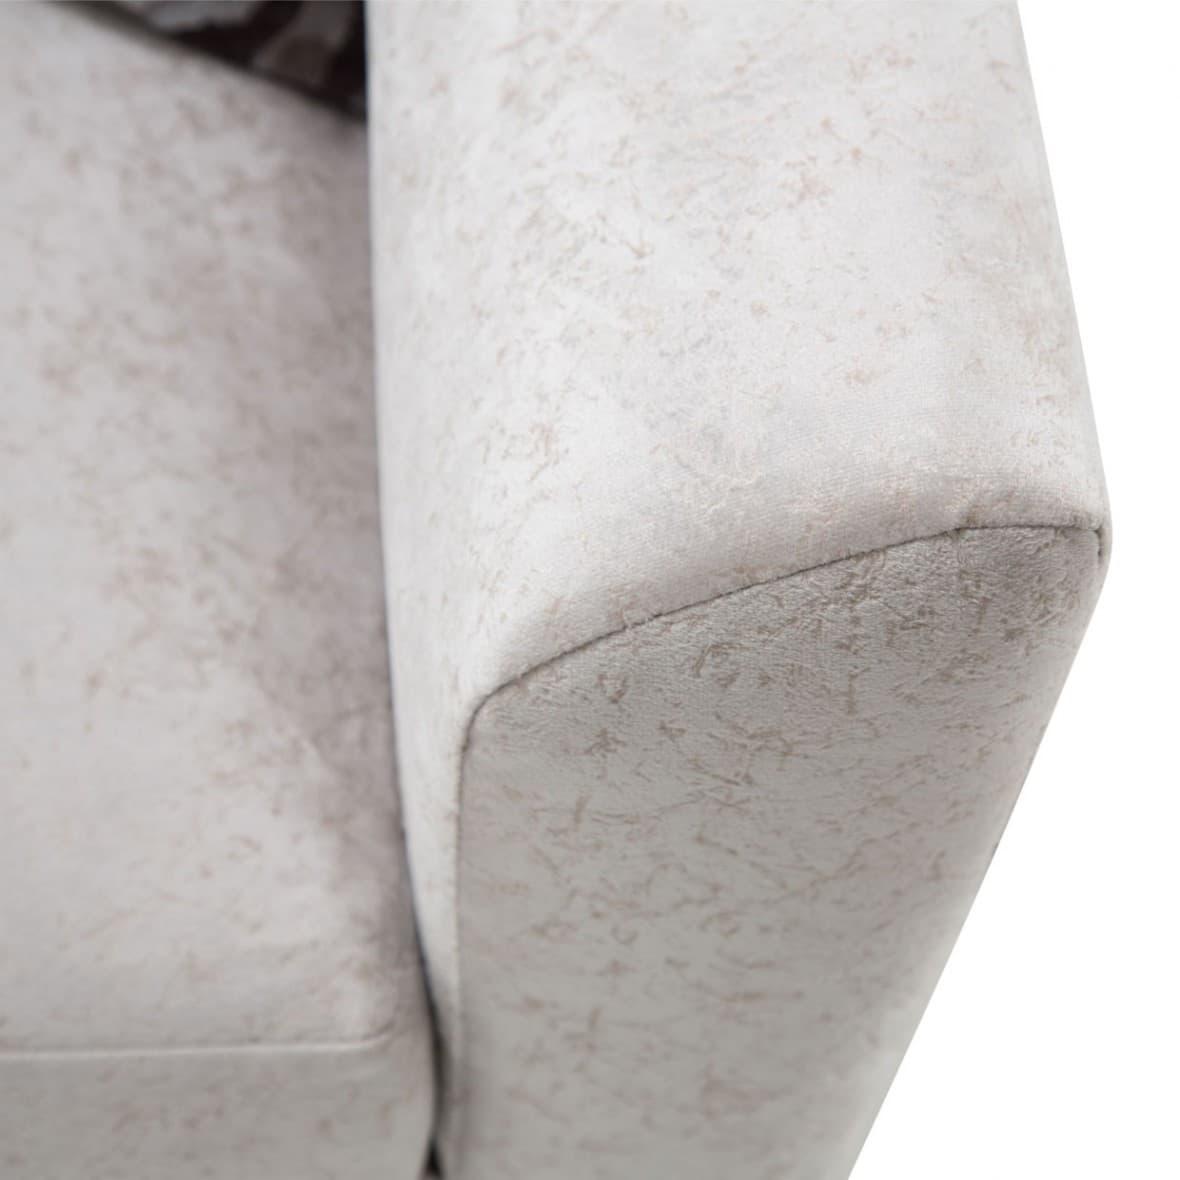 Софа с V-образной спинкой, обивка Dove/Сизый